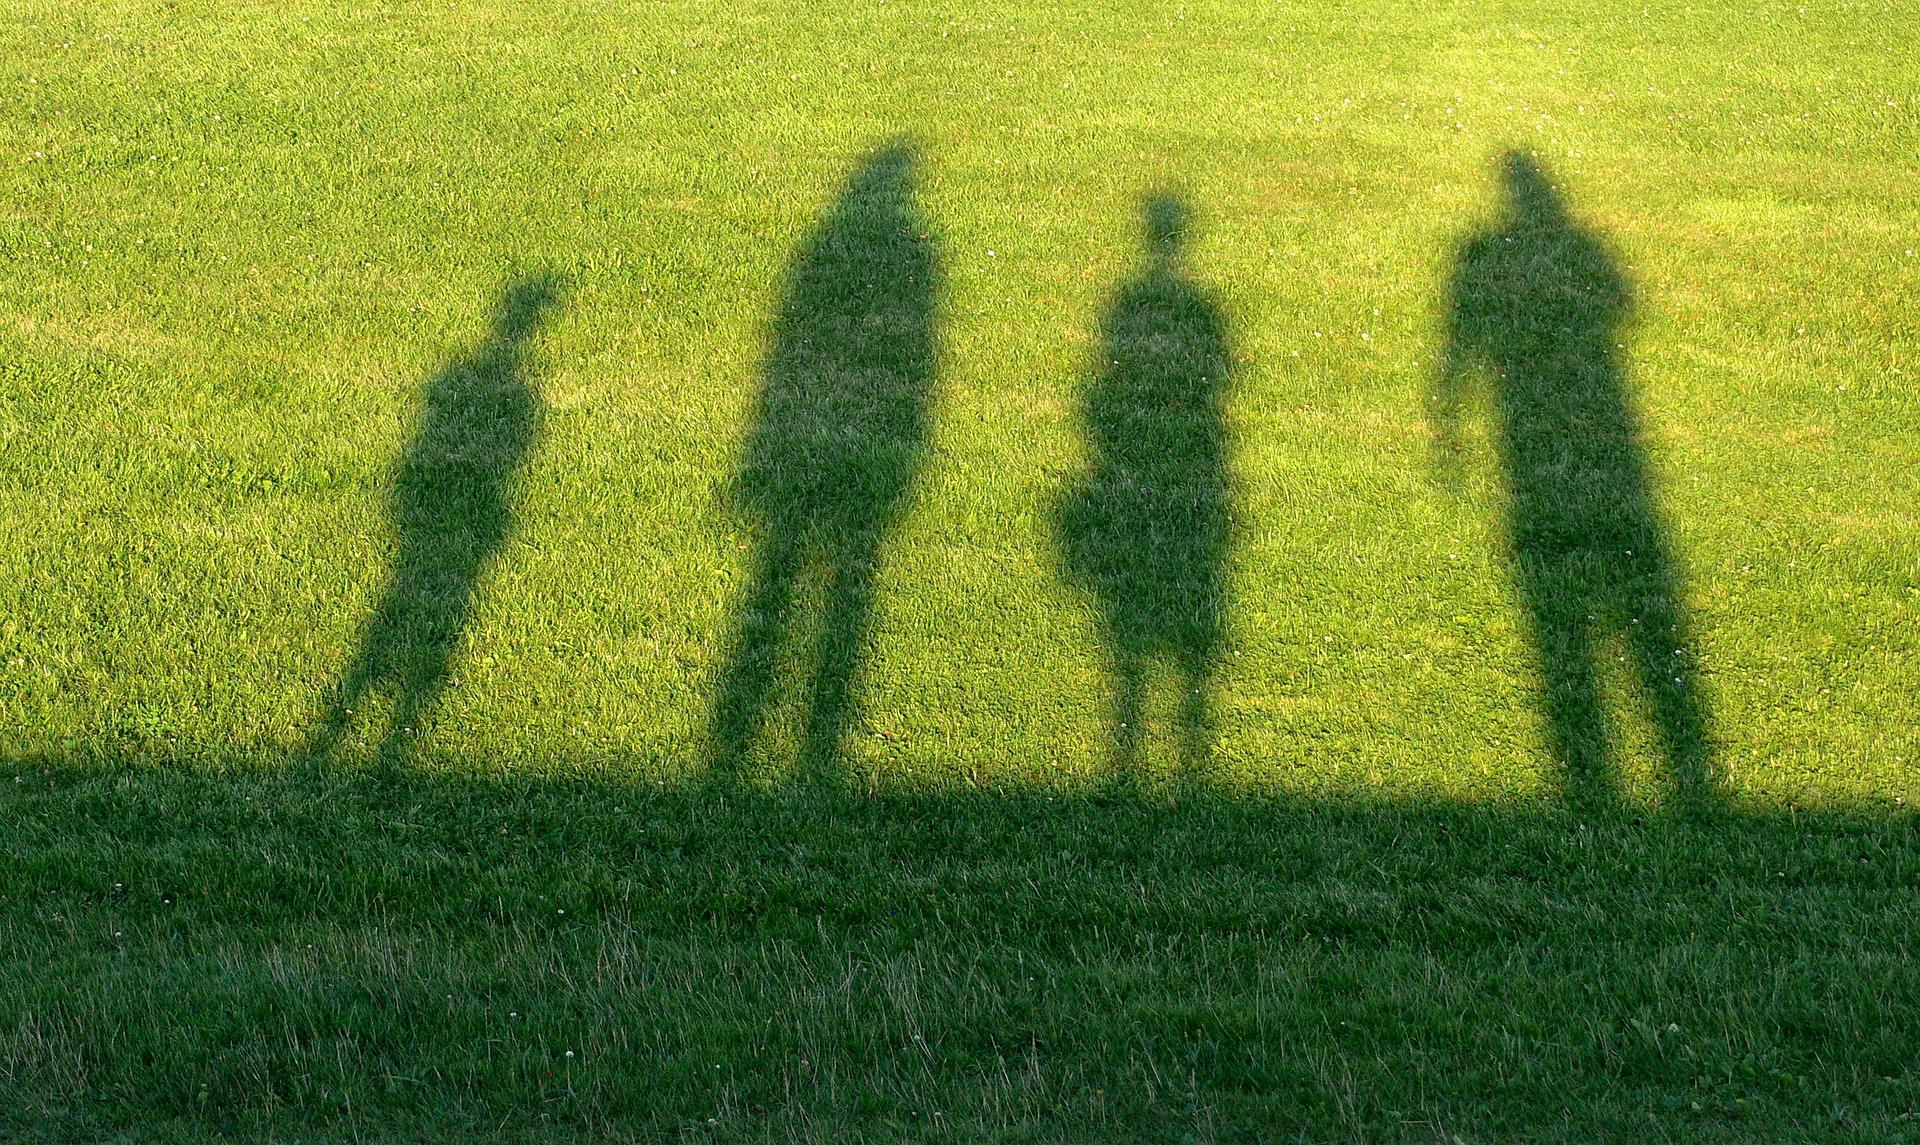 Sind die Mütter immer schuld? Vom Schuldgefühl zum Verantwortungsbewusstsein.